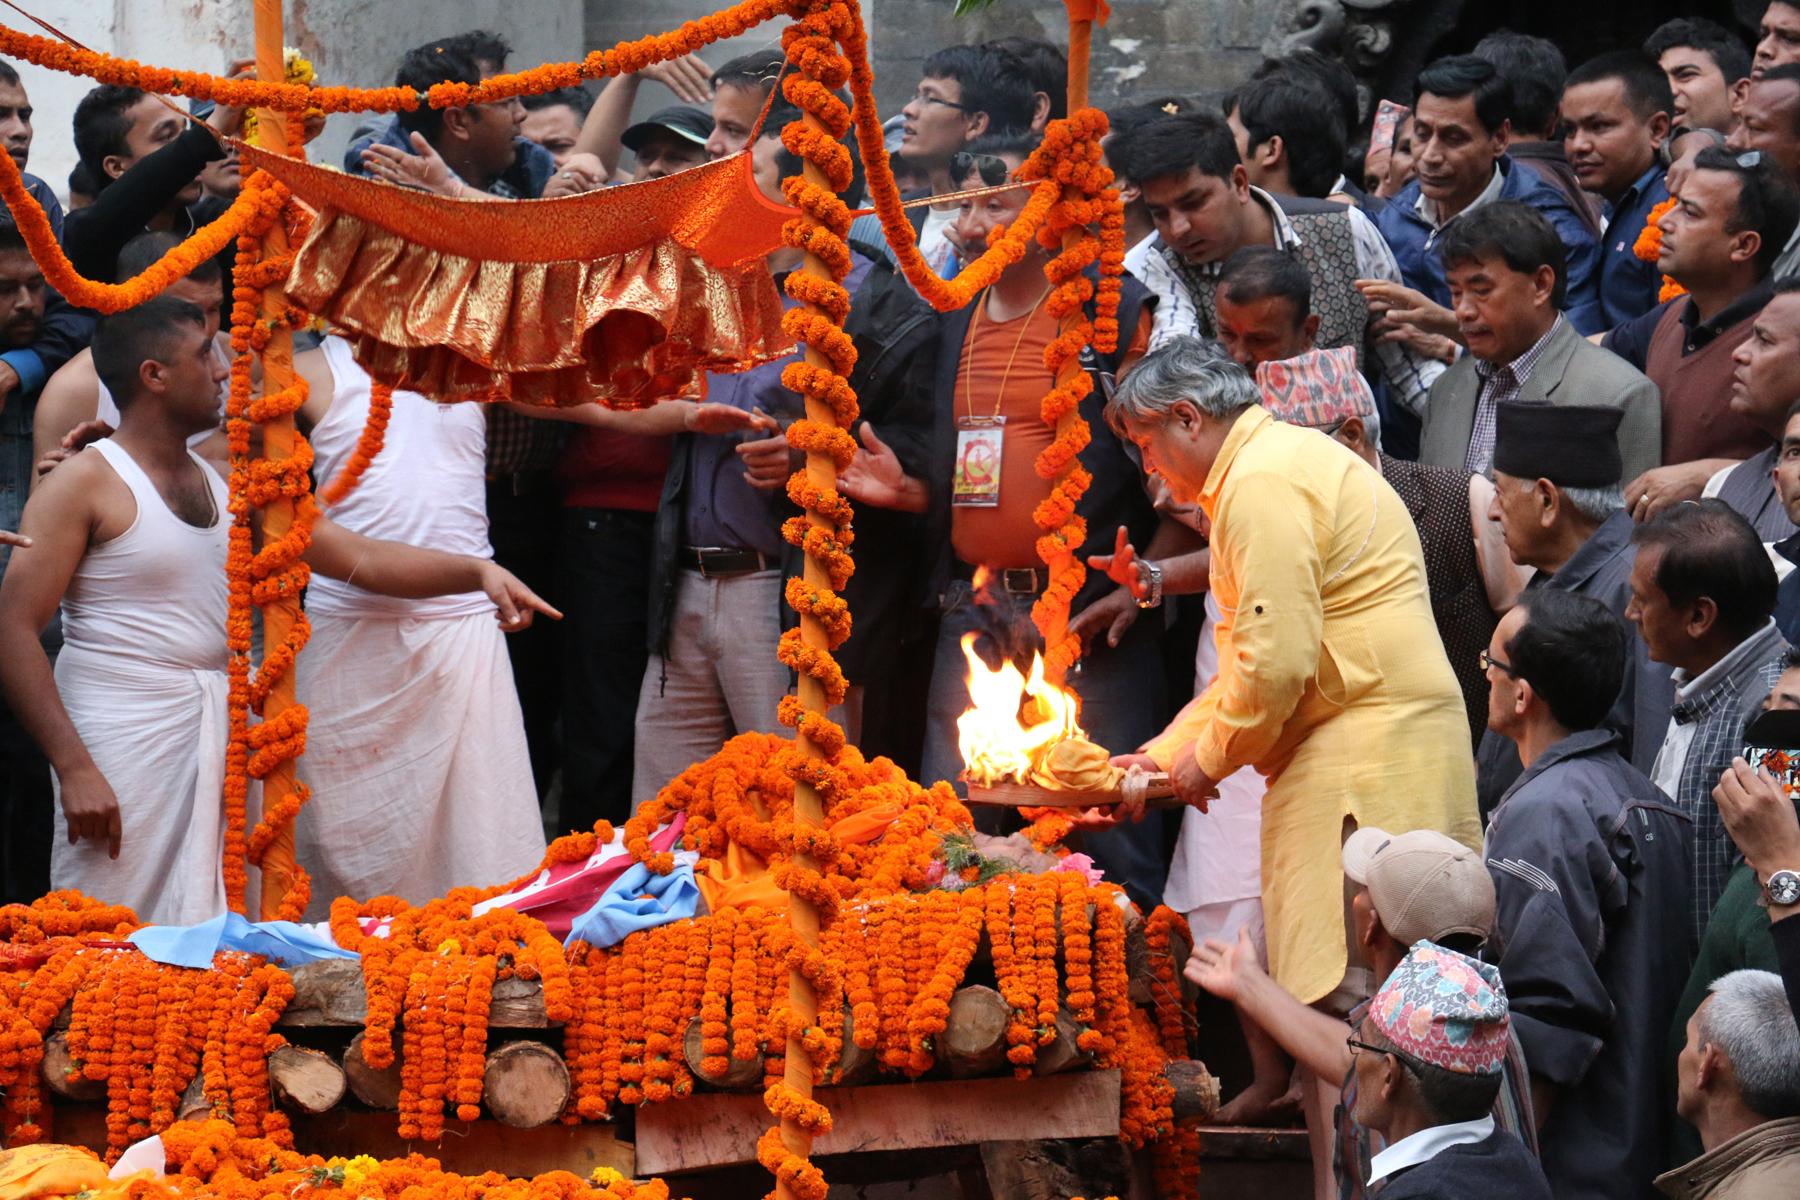 Rss_Images_1429277829386_RS-KTM-Surya Bahadur Thapa-1